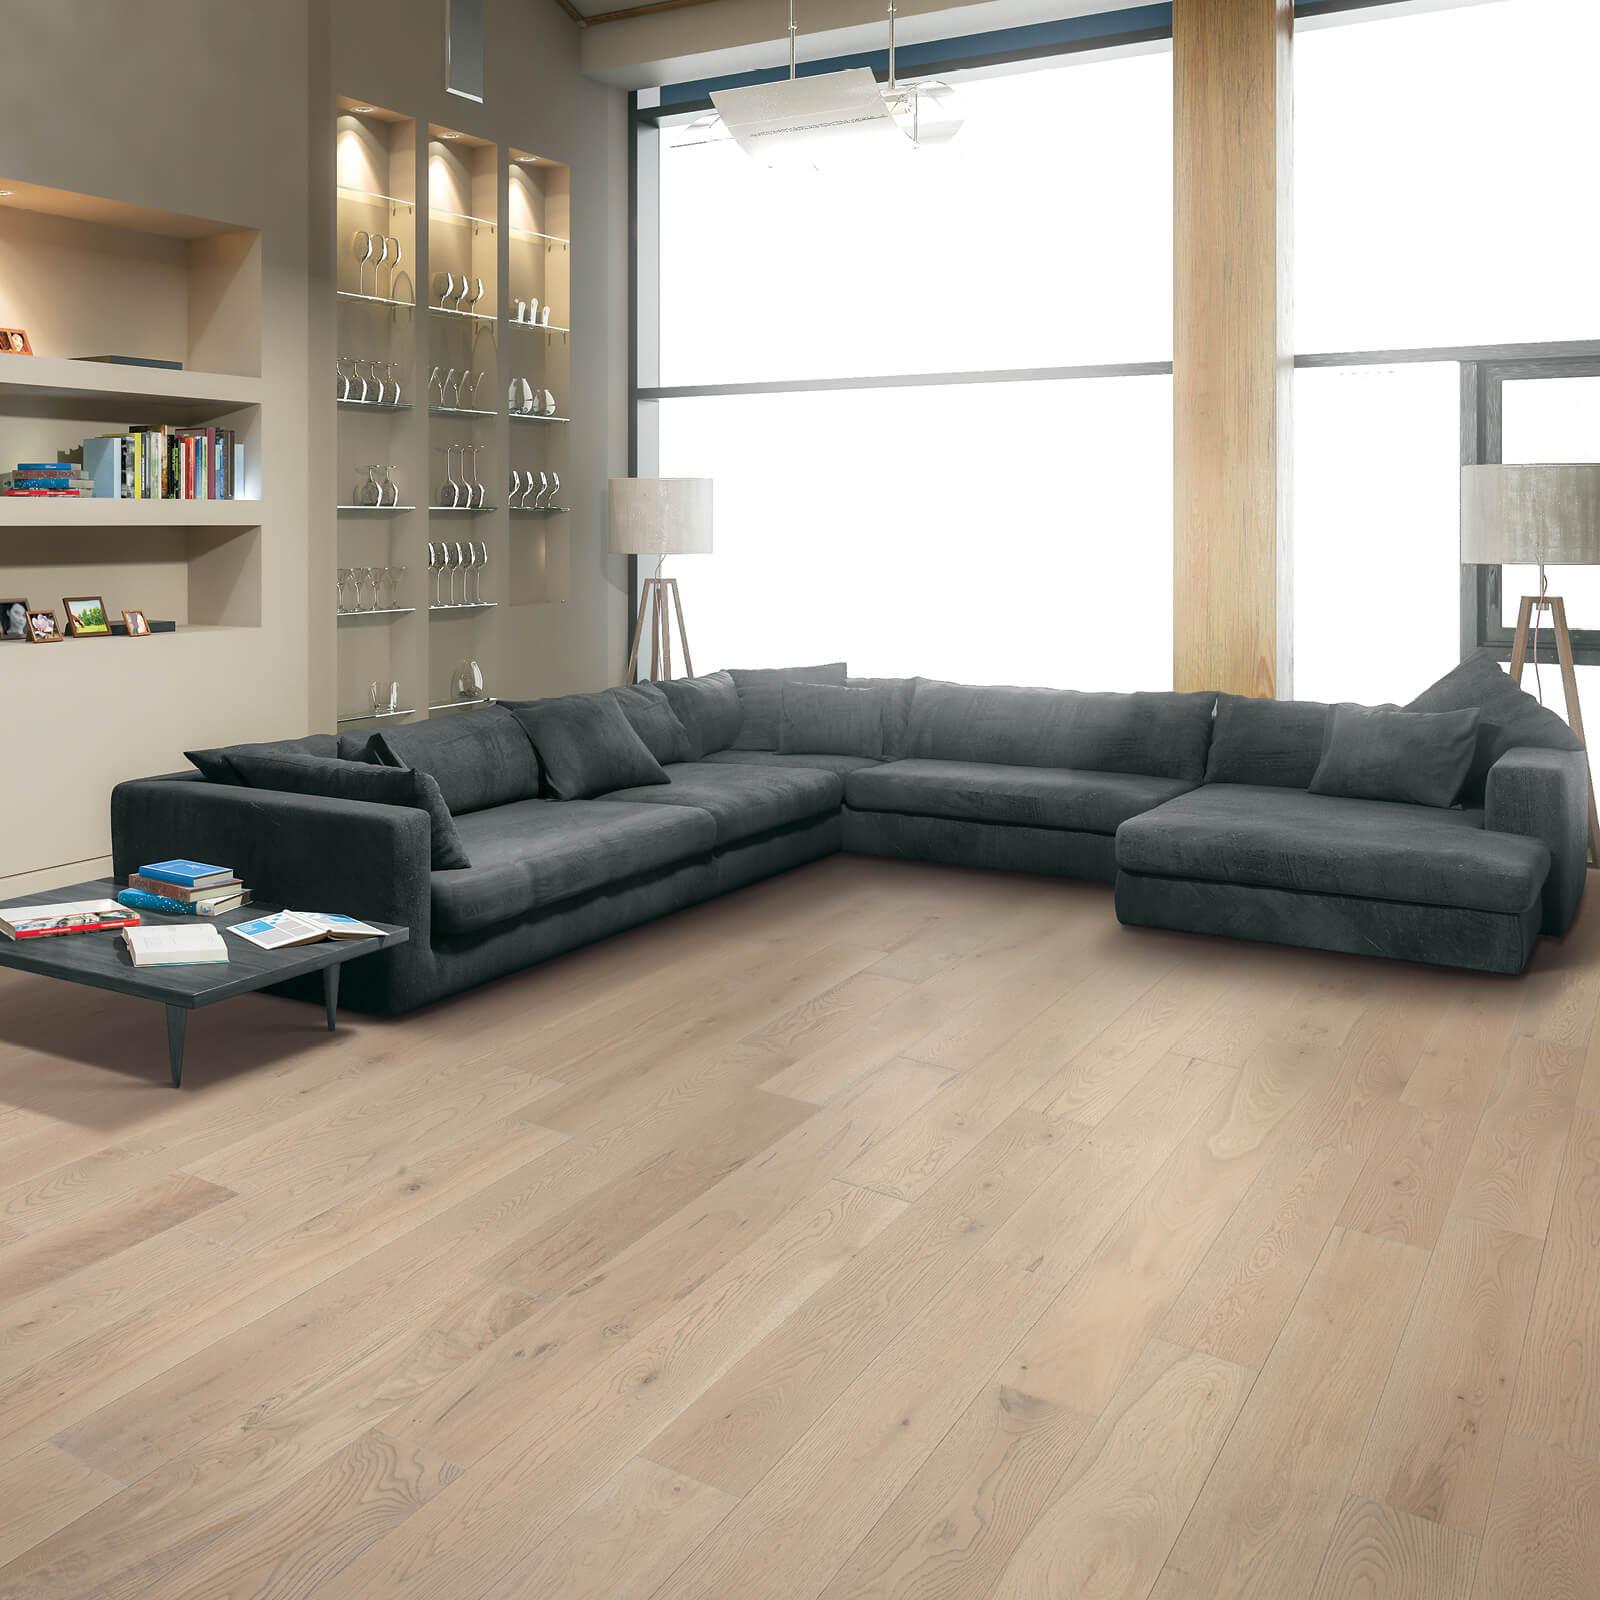 Vinyl Flooring | Wacky's Flooring